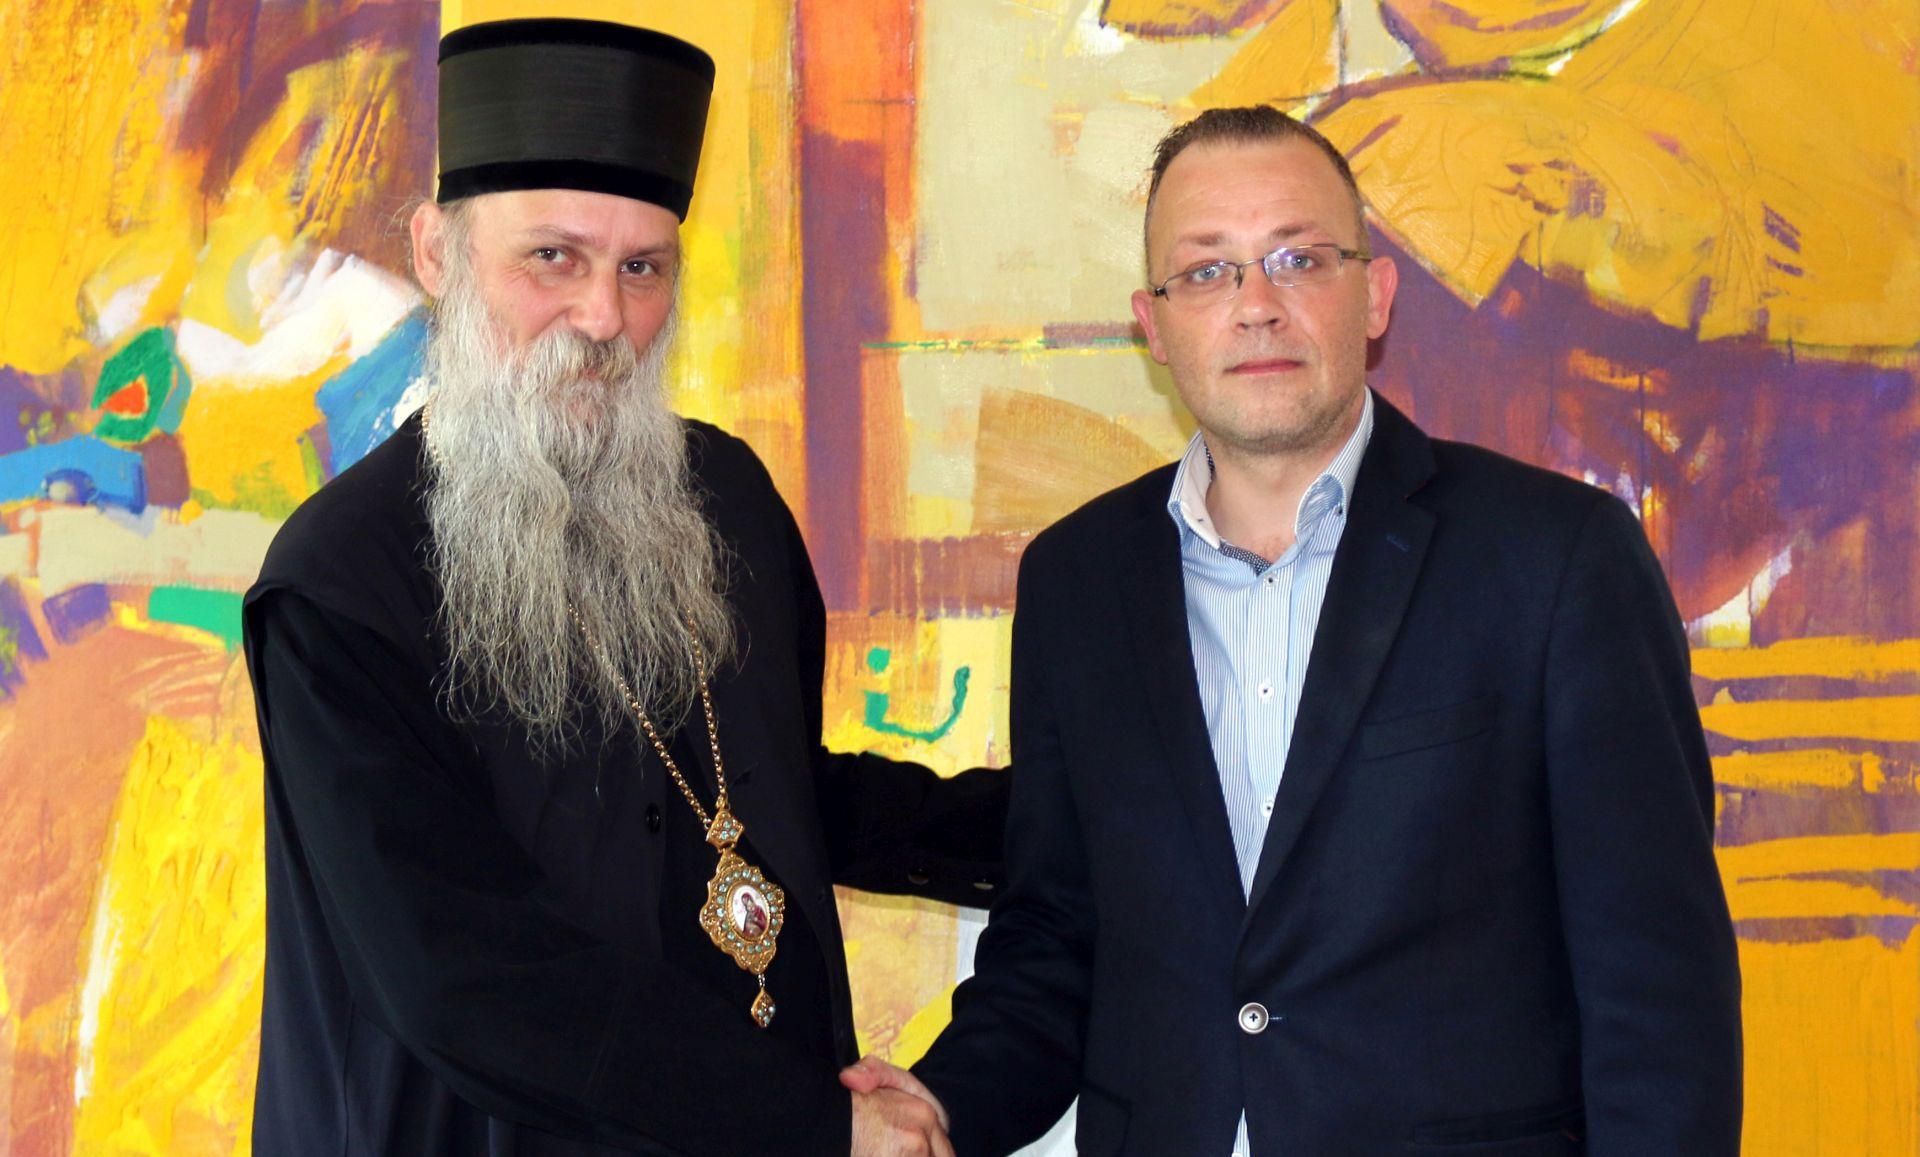 Ministar kulture Zlatko Hasanbegović sastao se s episkopom Jovanom